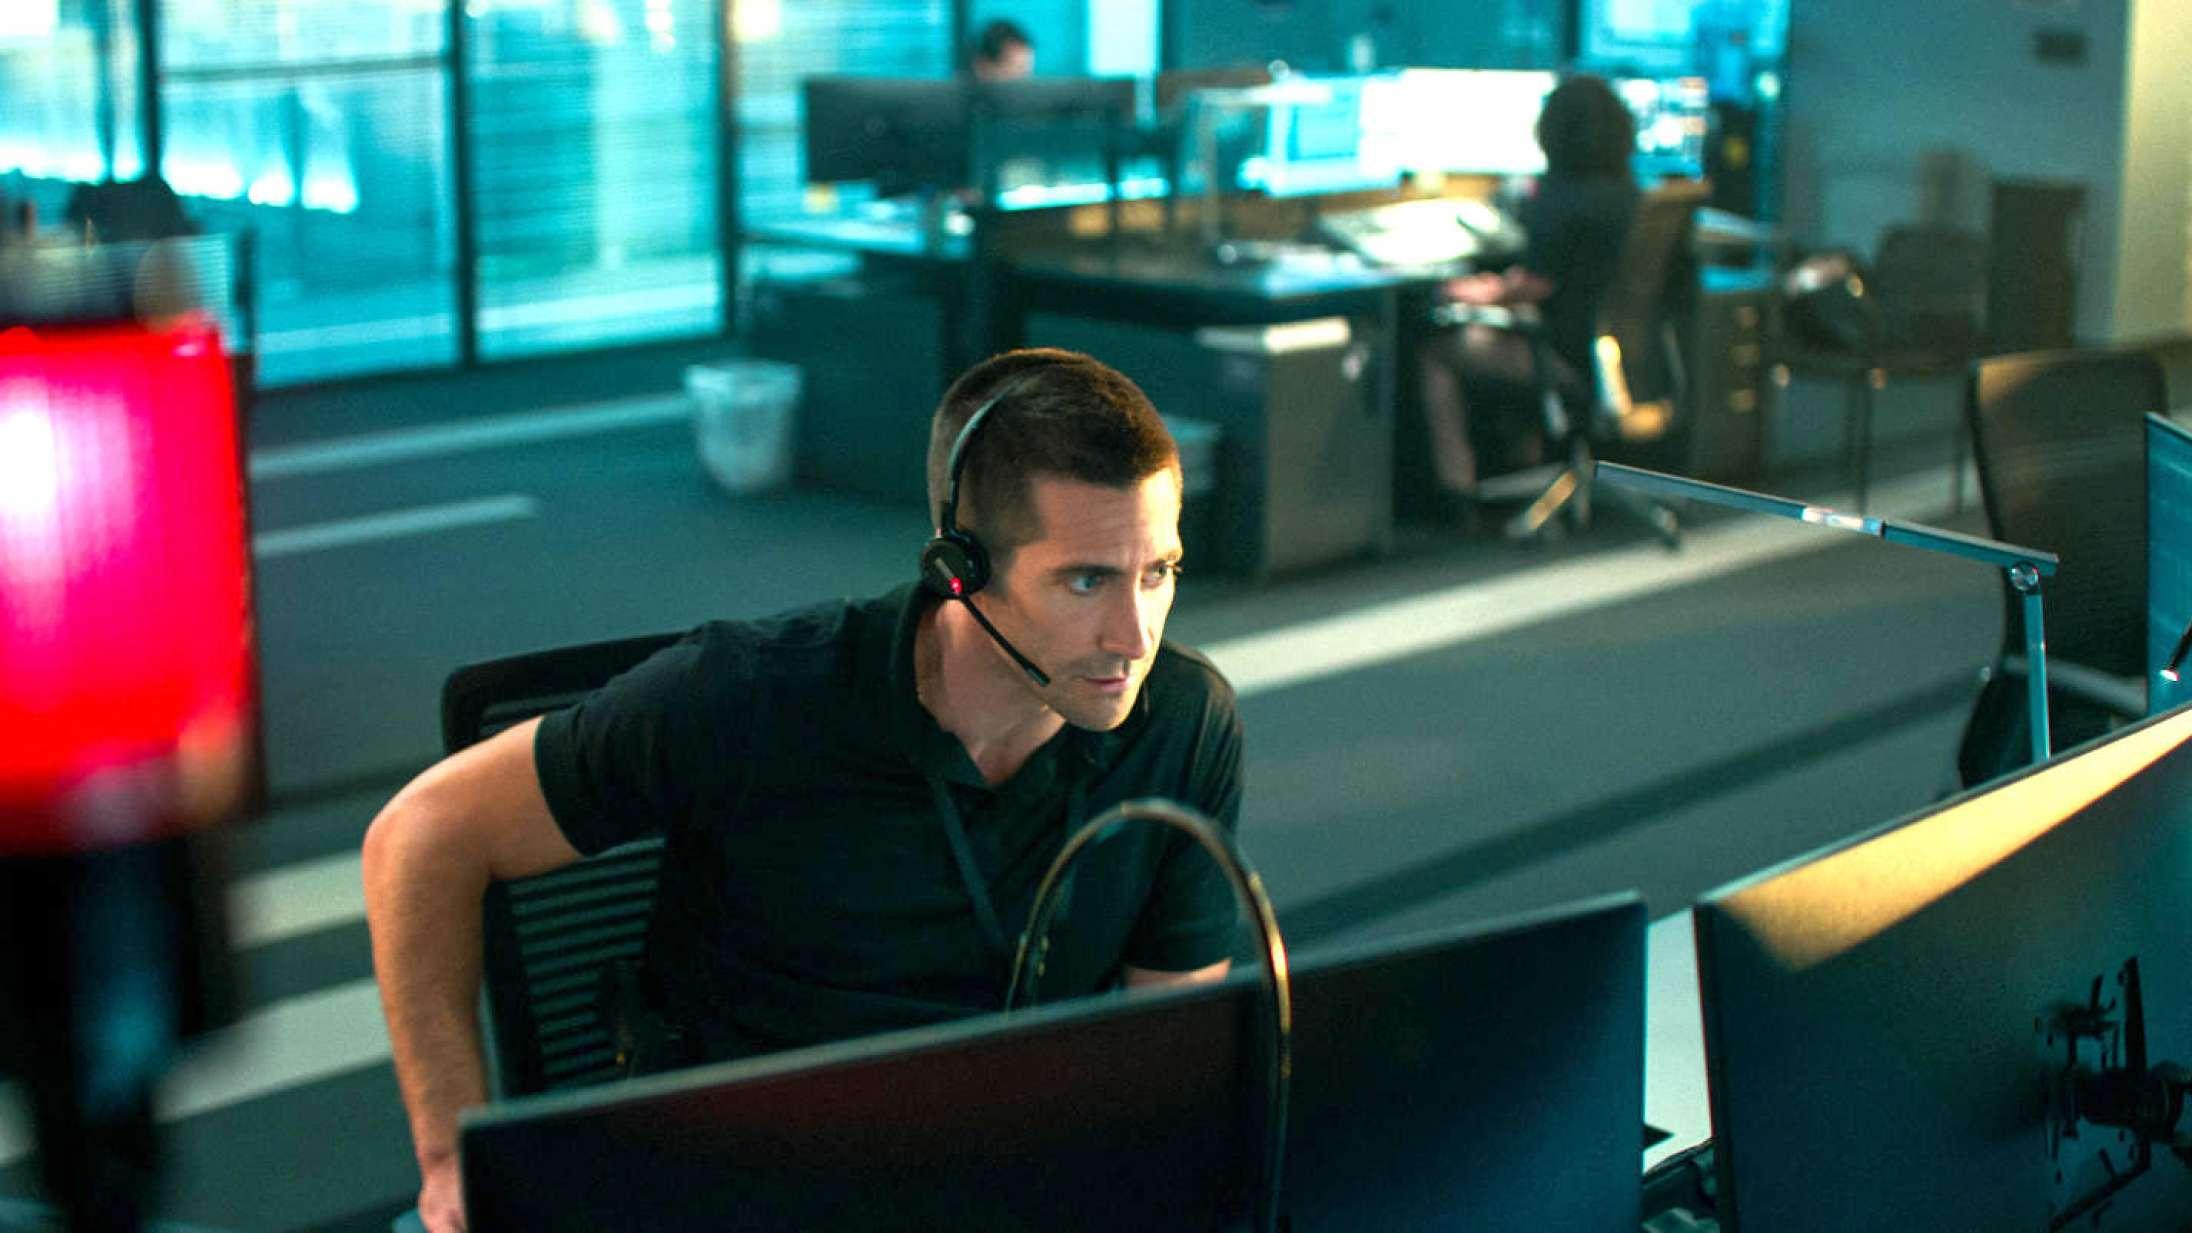 Se første forsmag på Jake Gyllenhaals remake af den danske thriller 'Den skyldige'